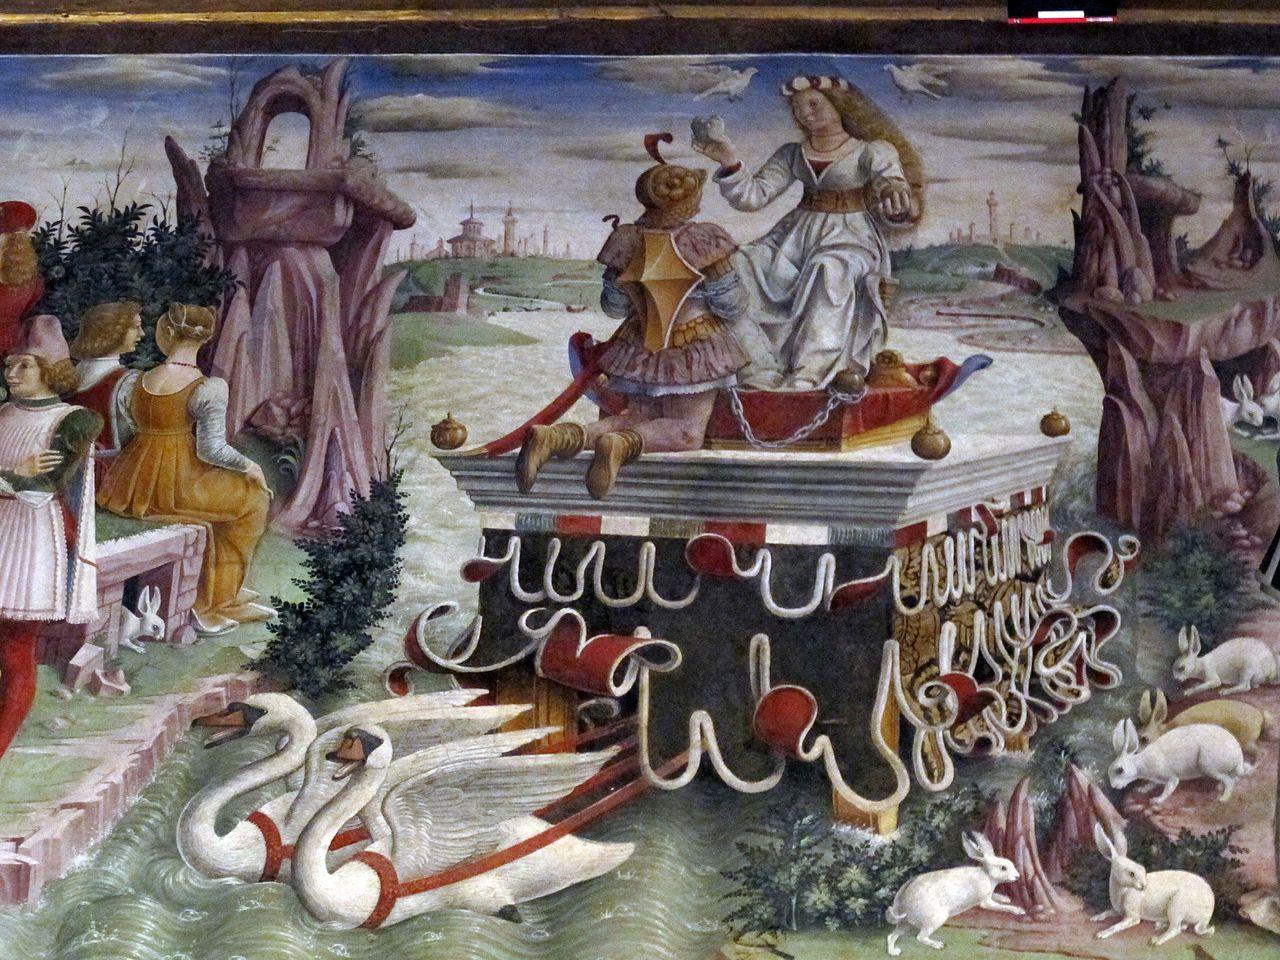 Palazzo schifanoia, salone dei mesi, 04 aprile (f. del cossa), trionfo di venere 02.JPG